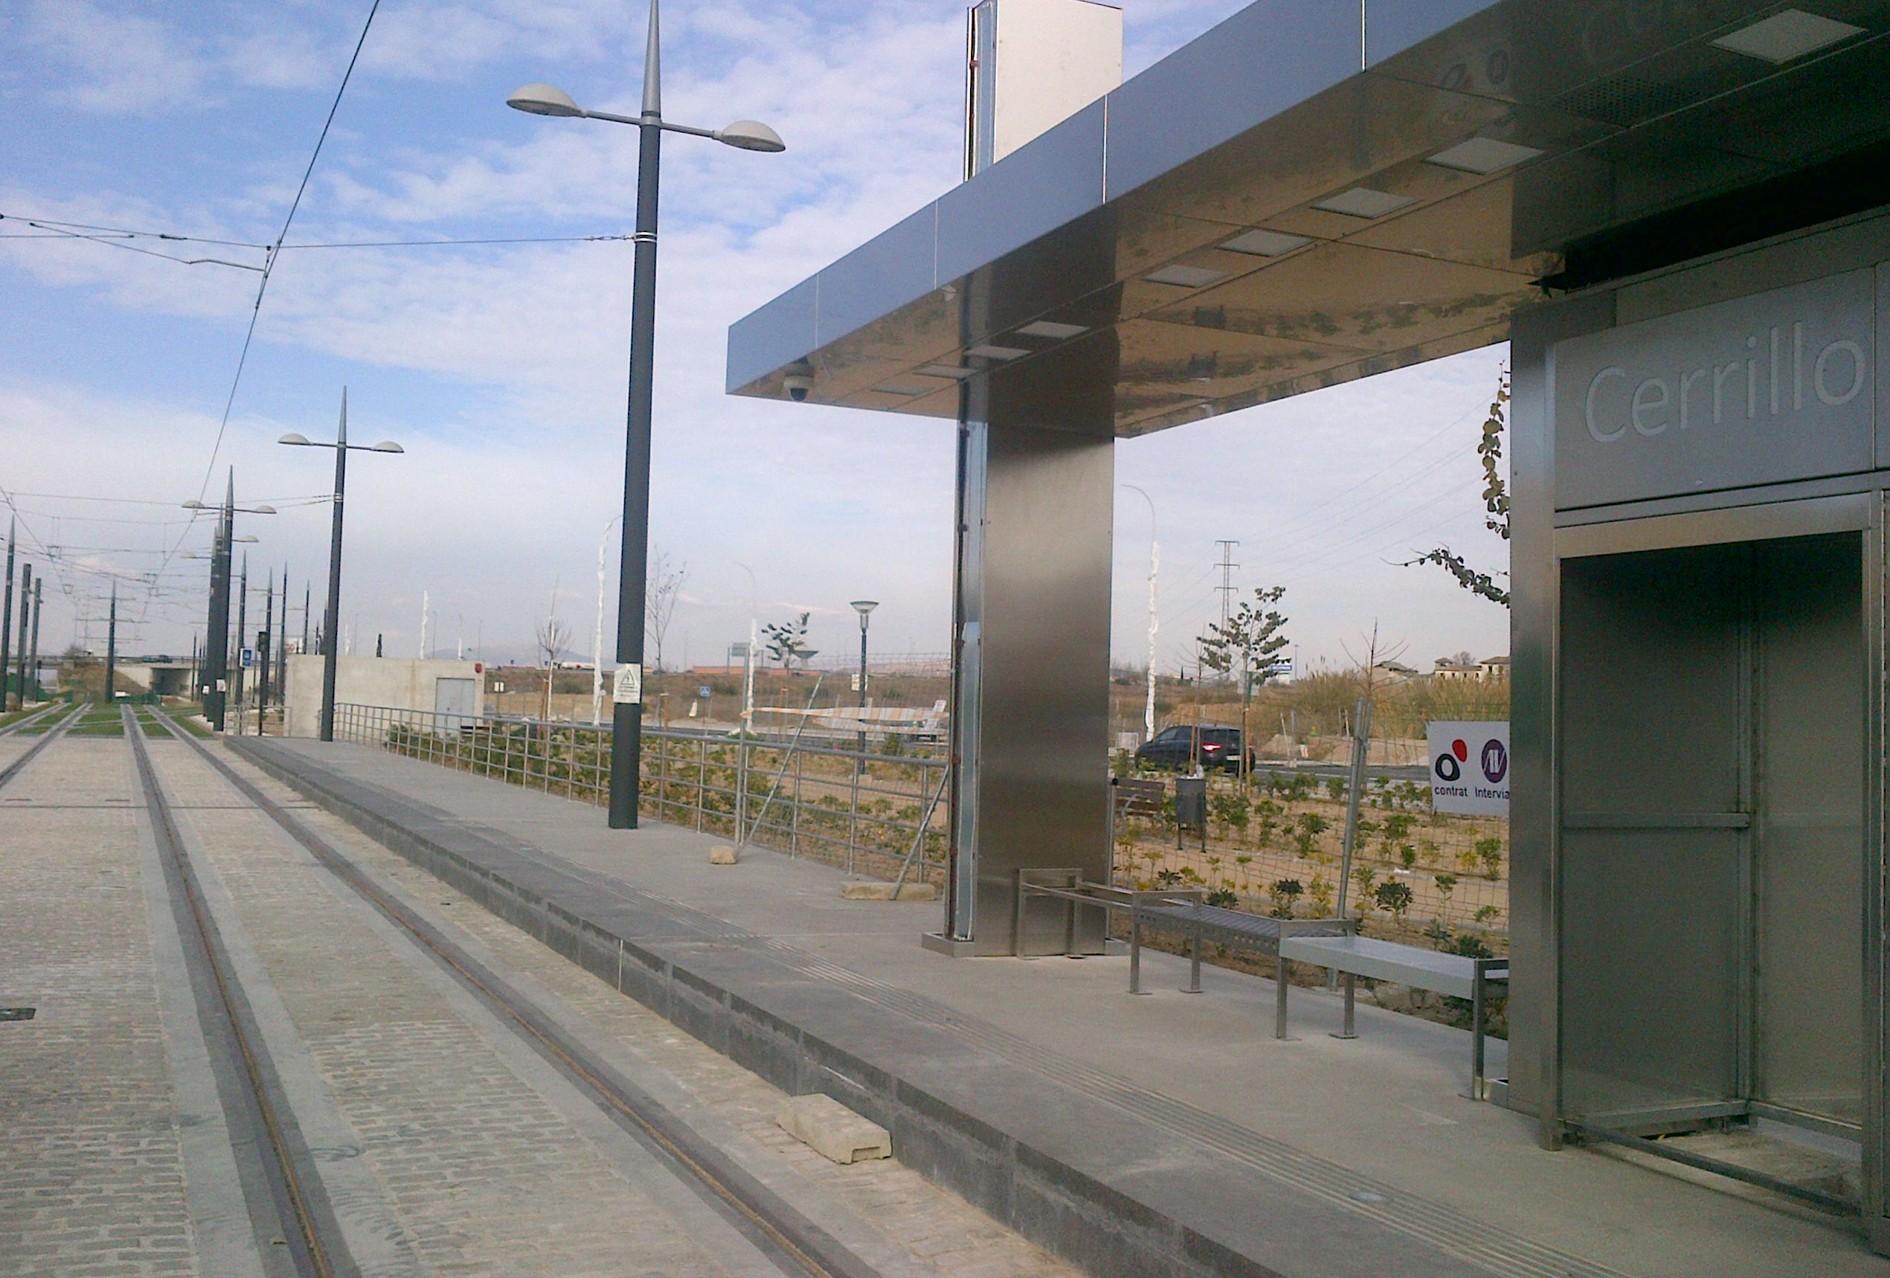 Las marquesinas de la parada de Cerrillo Maracena ya están instaladas.